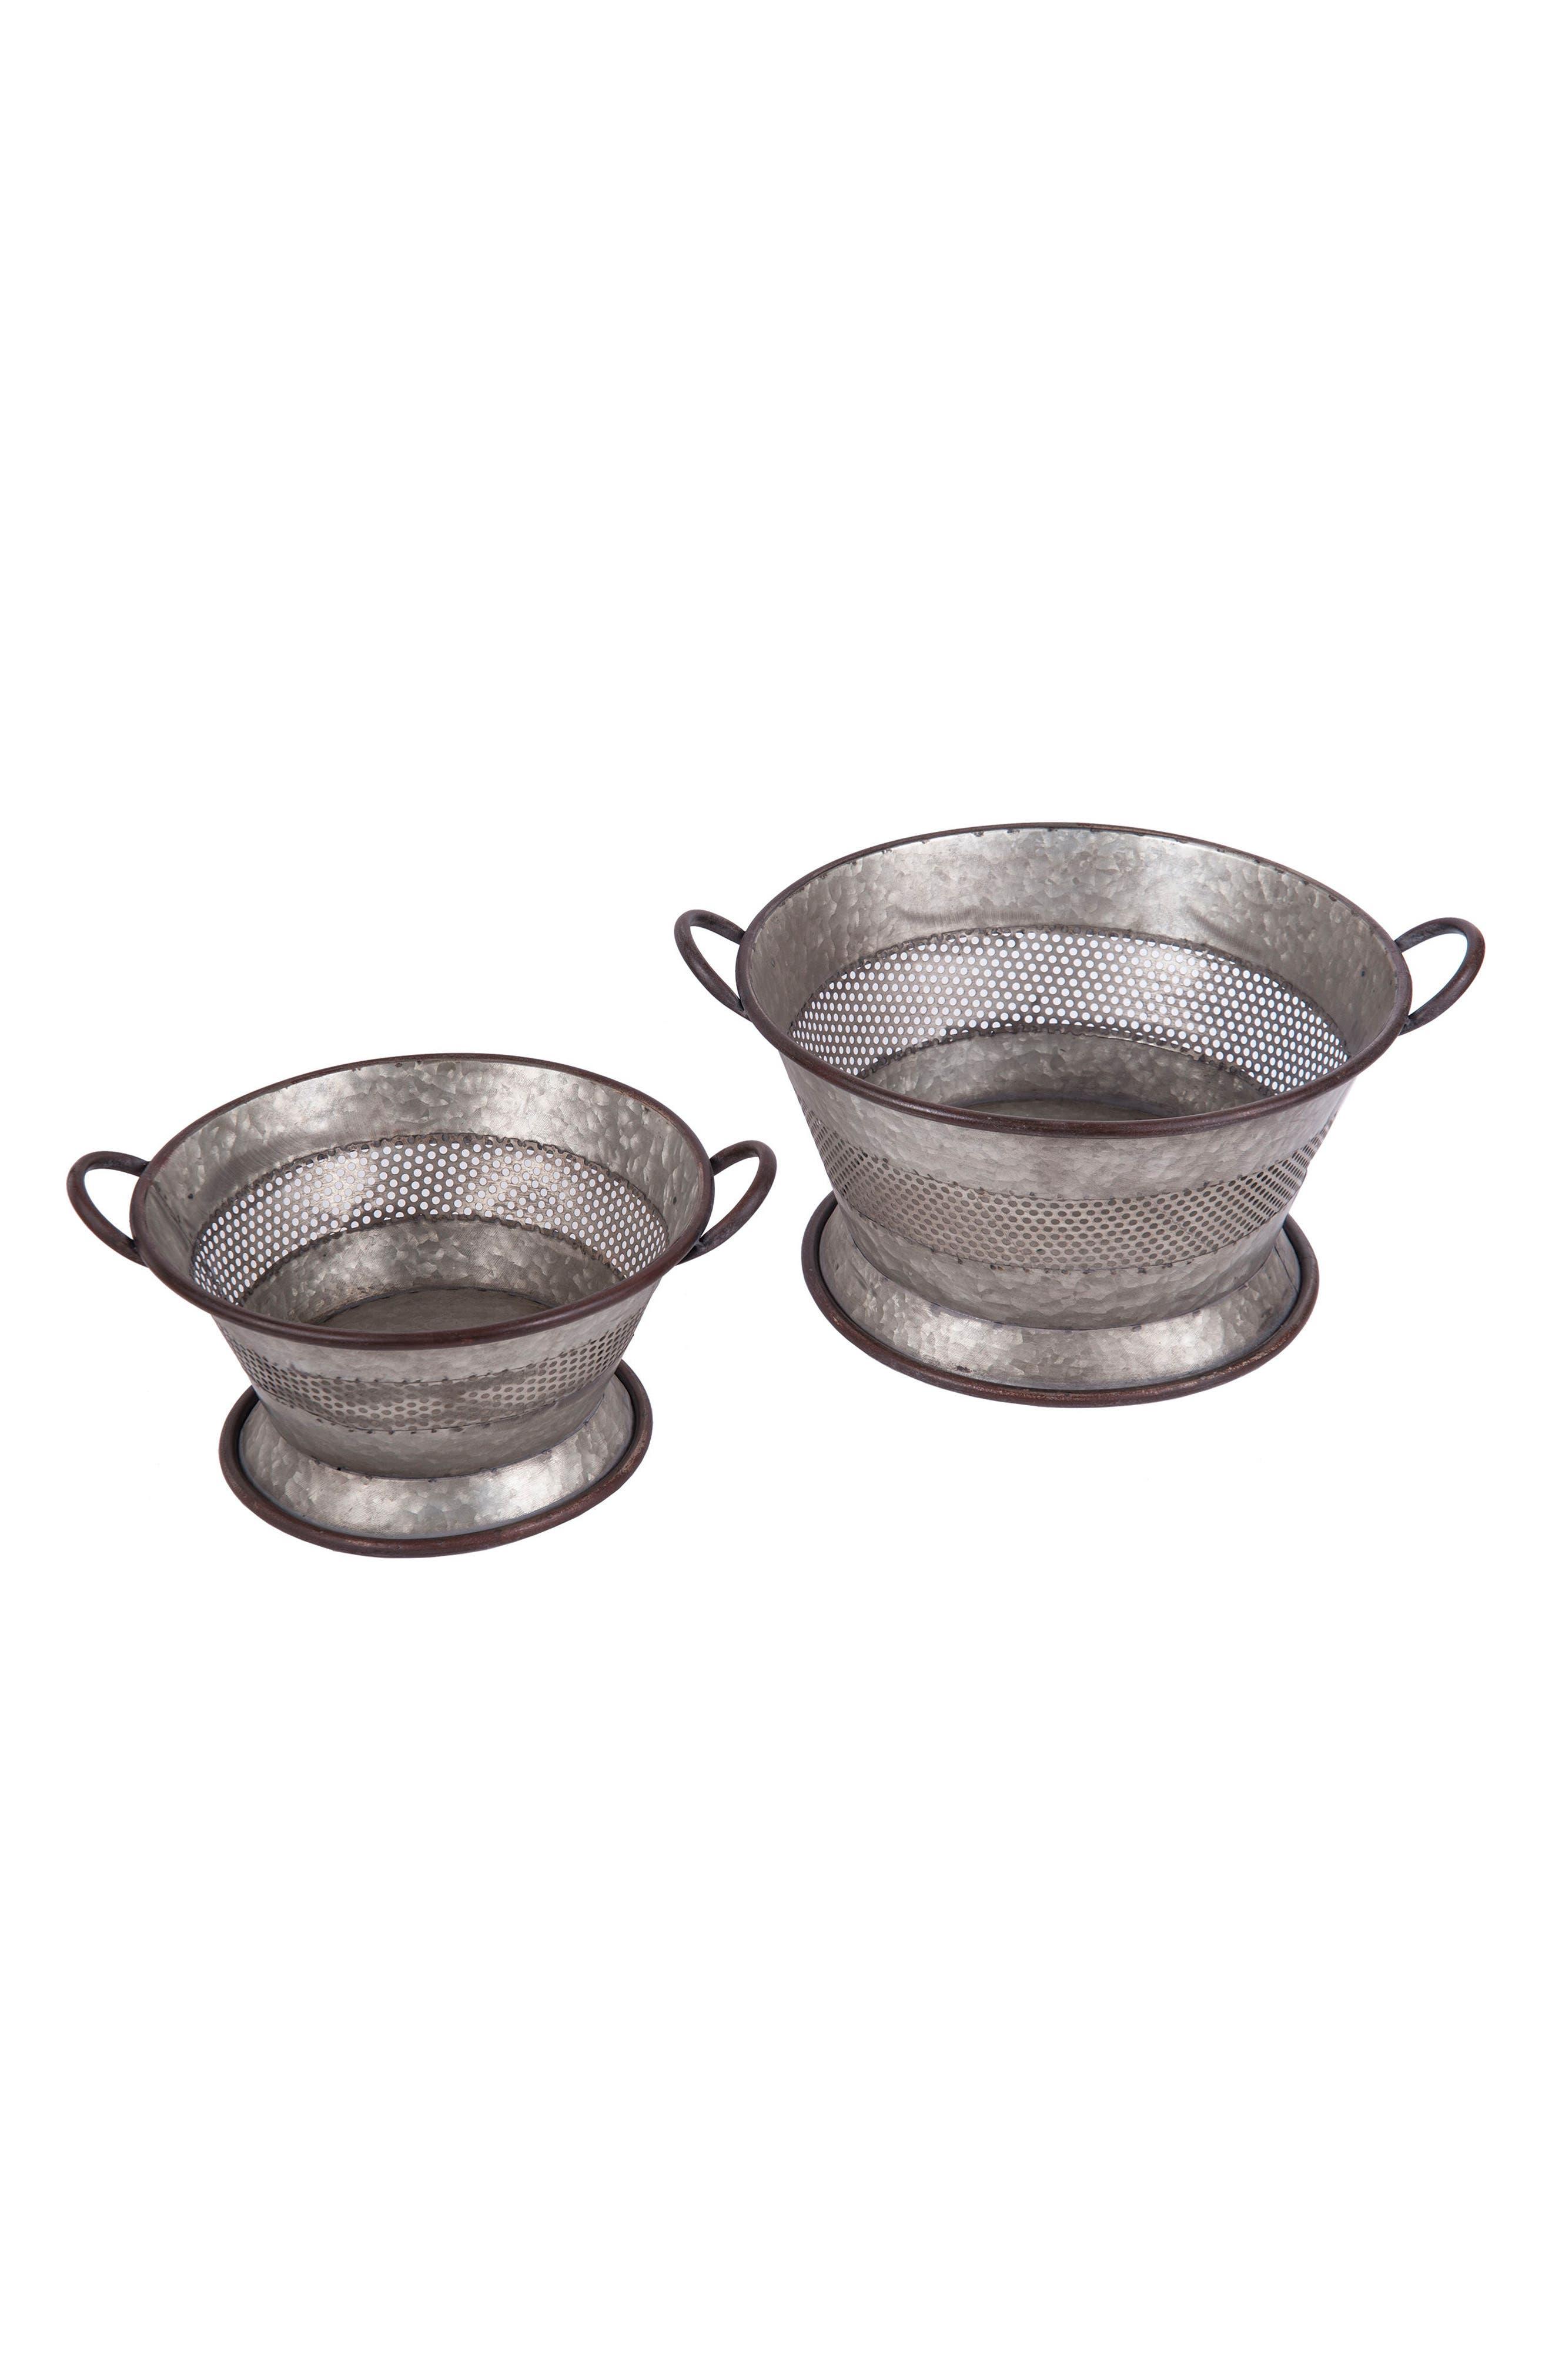 Set of 2 Decorative Strainer Baskets,                         Main,                         color, Metal